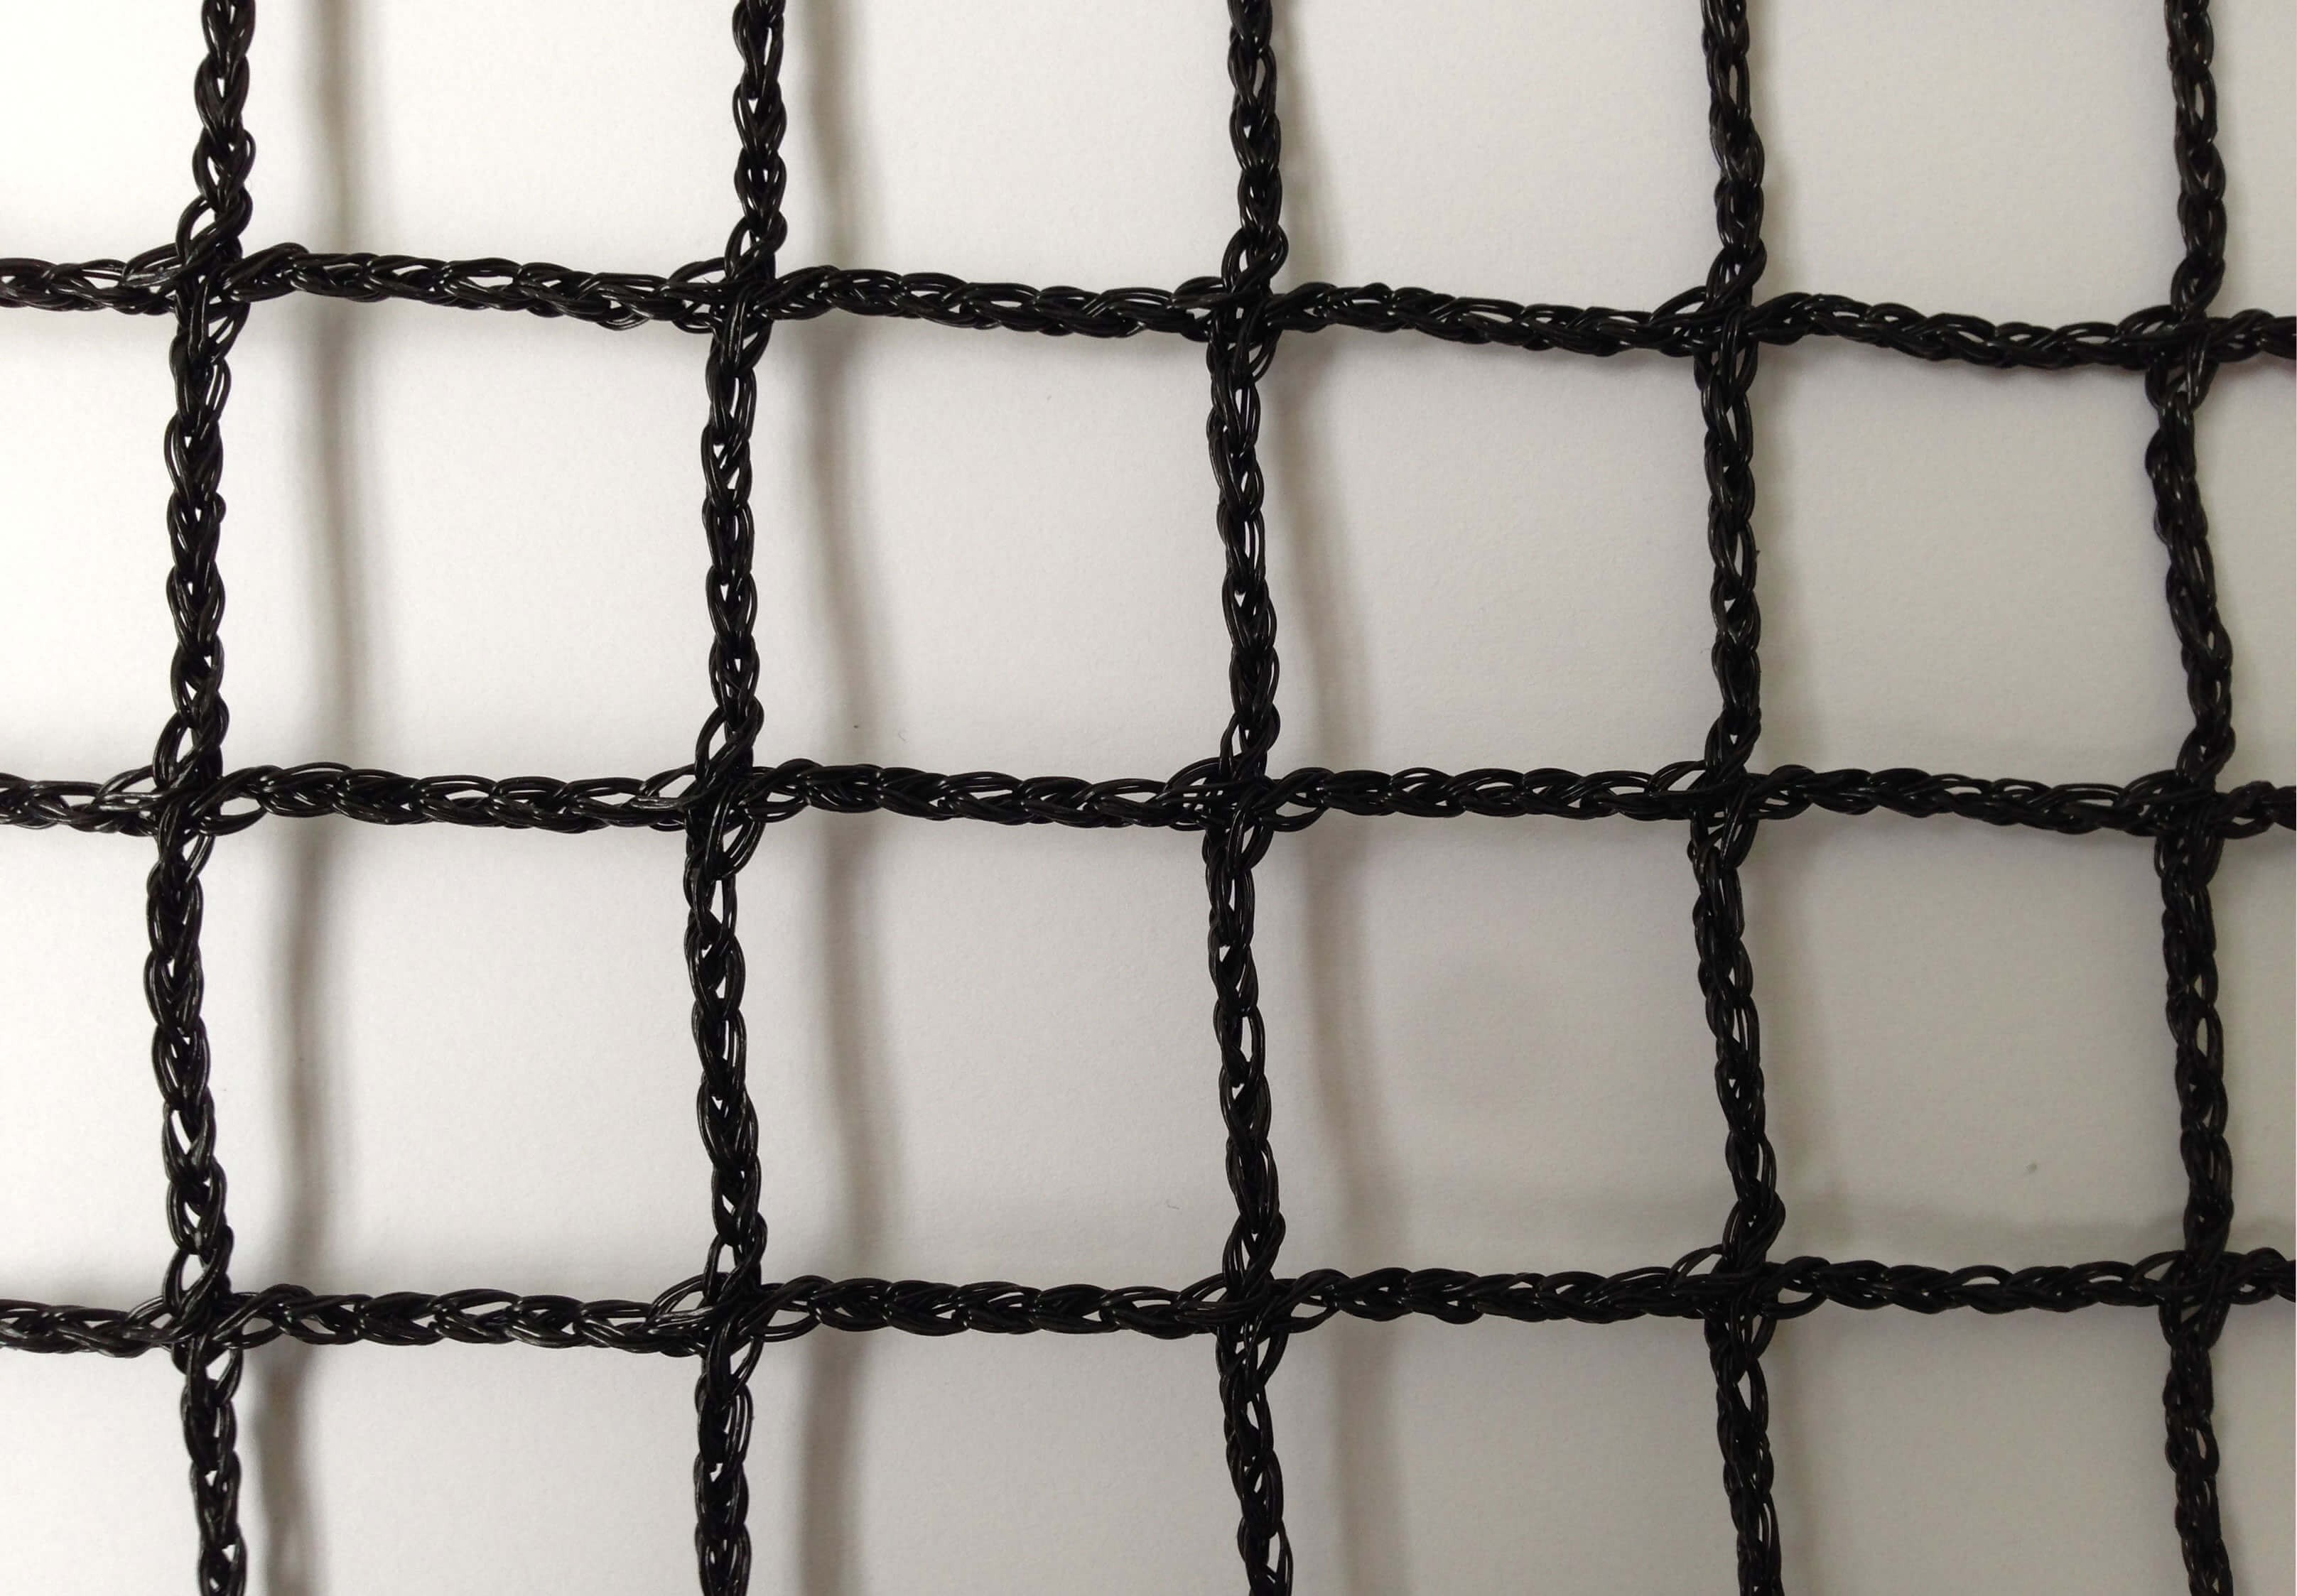 filets de protection pour chats la fabrique filets. Black Bedroom Furniture Sets. Home Design Ideas